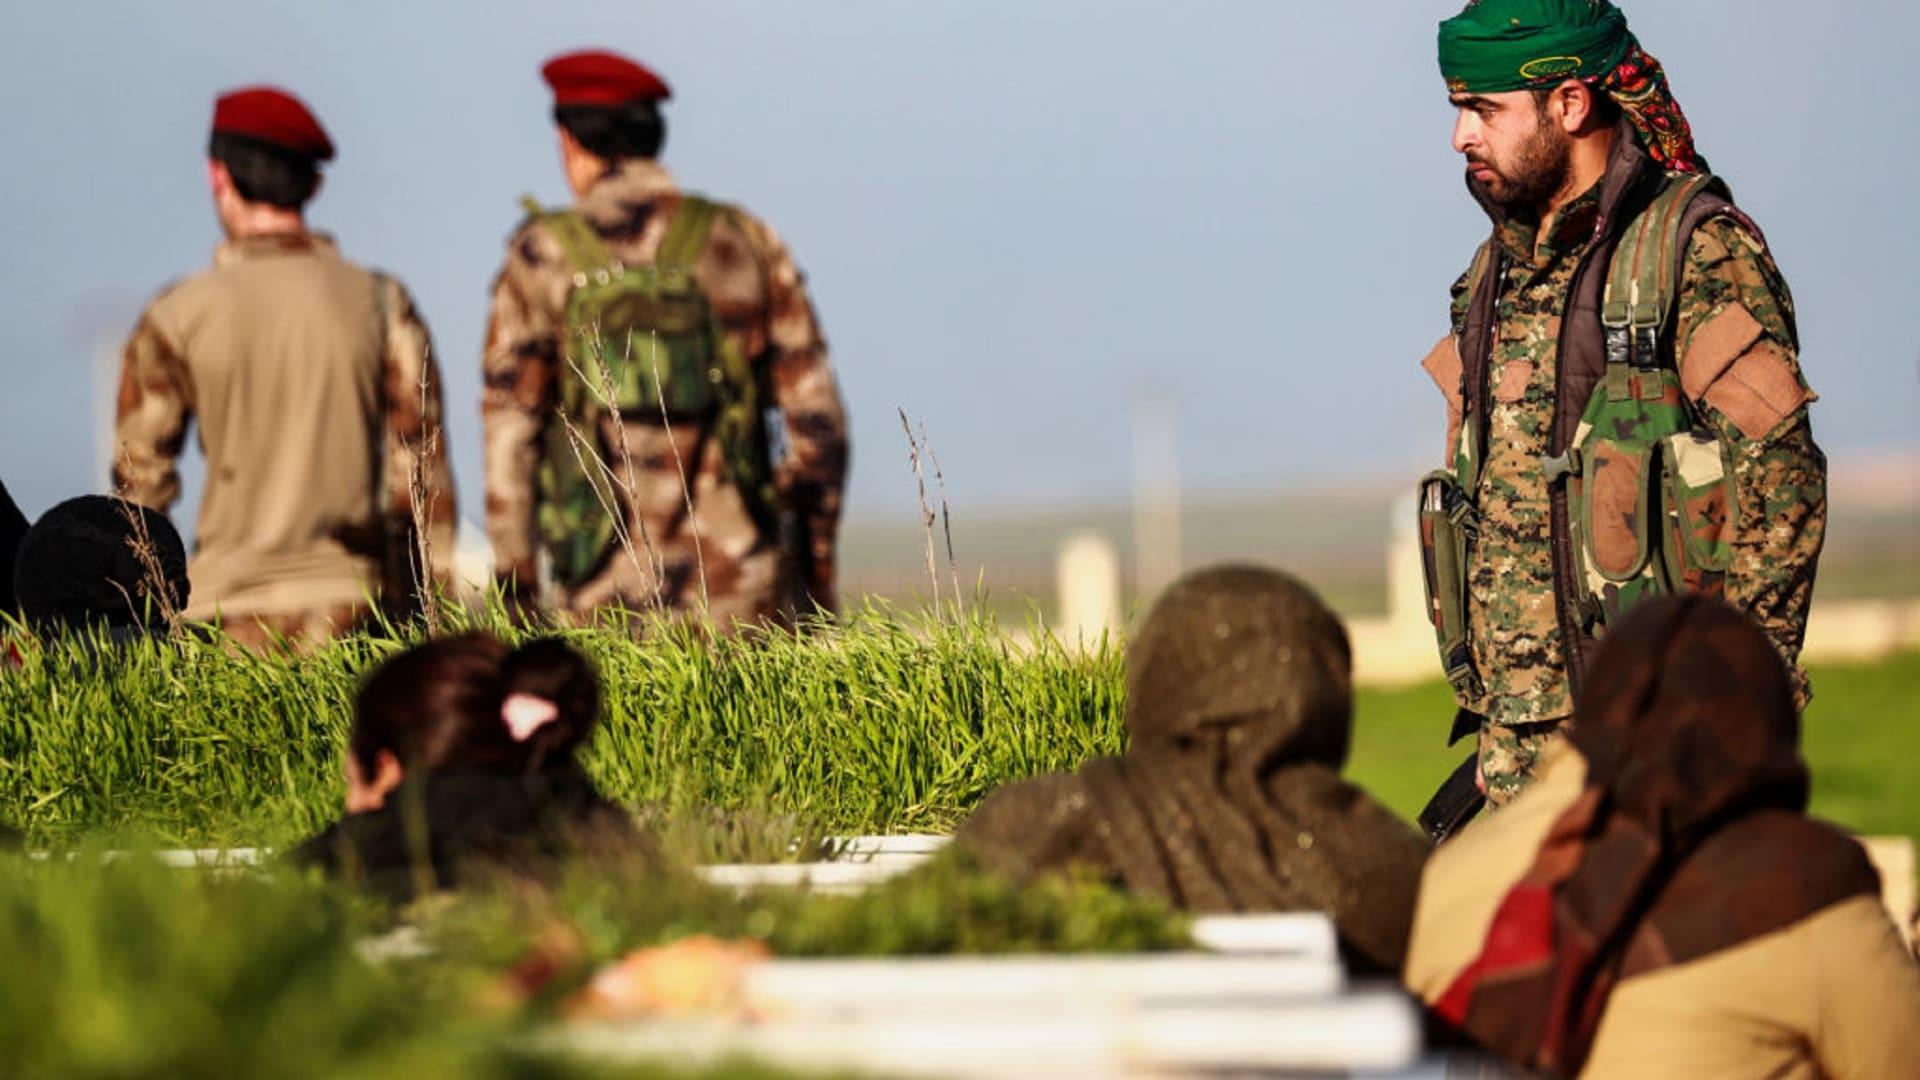 هجوم داعشي على قوات سوريا الديمقراطية في بلدة هجين